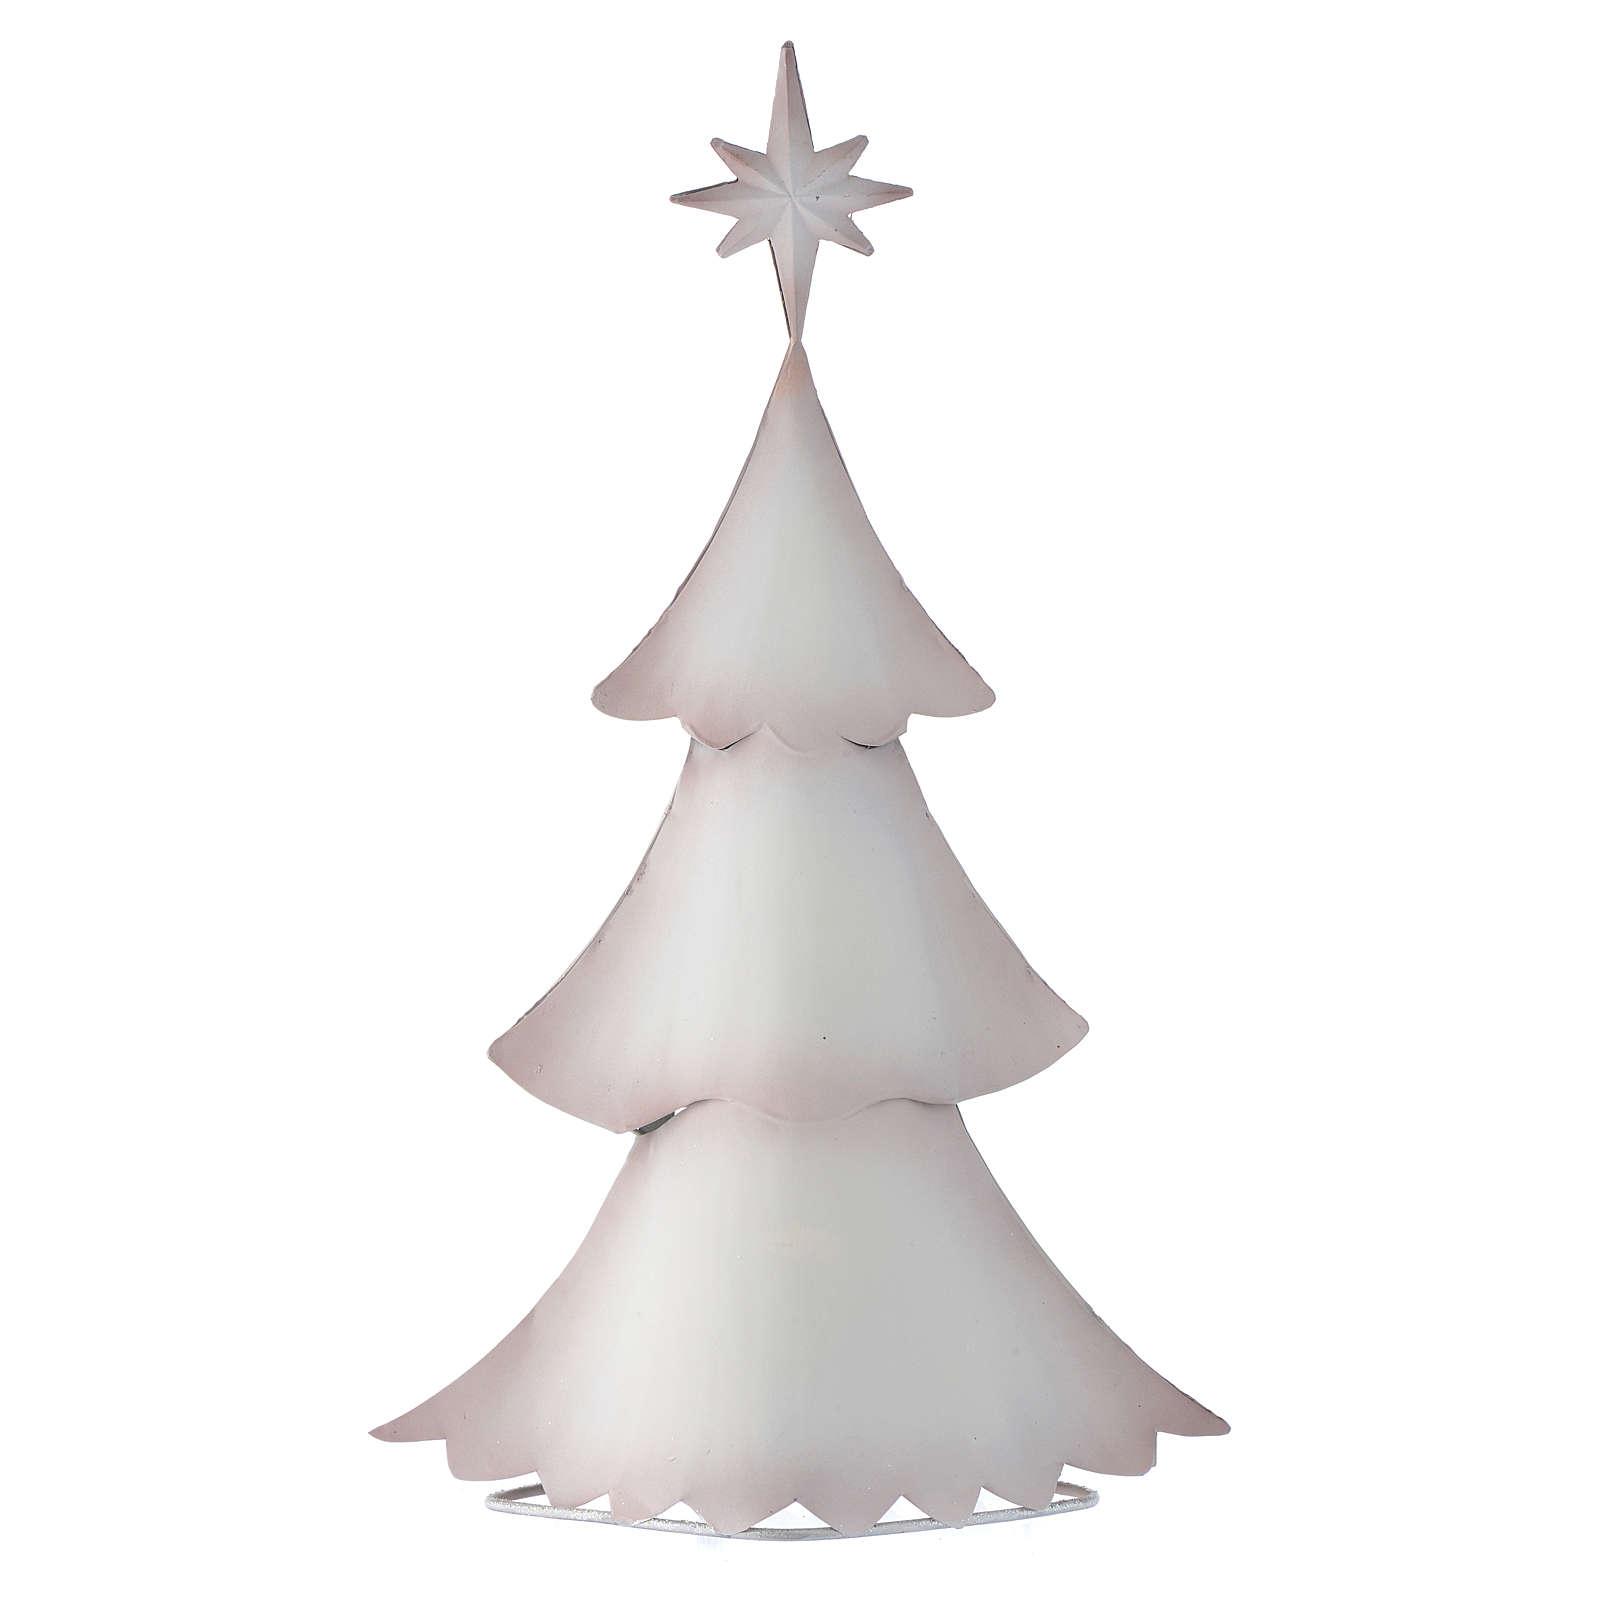 b6ee111f3f5 Árbol de Navidad blanco estilizado de metal 4